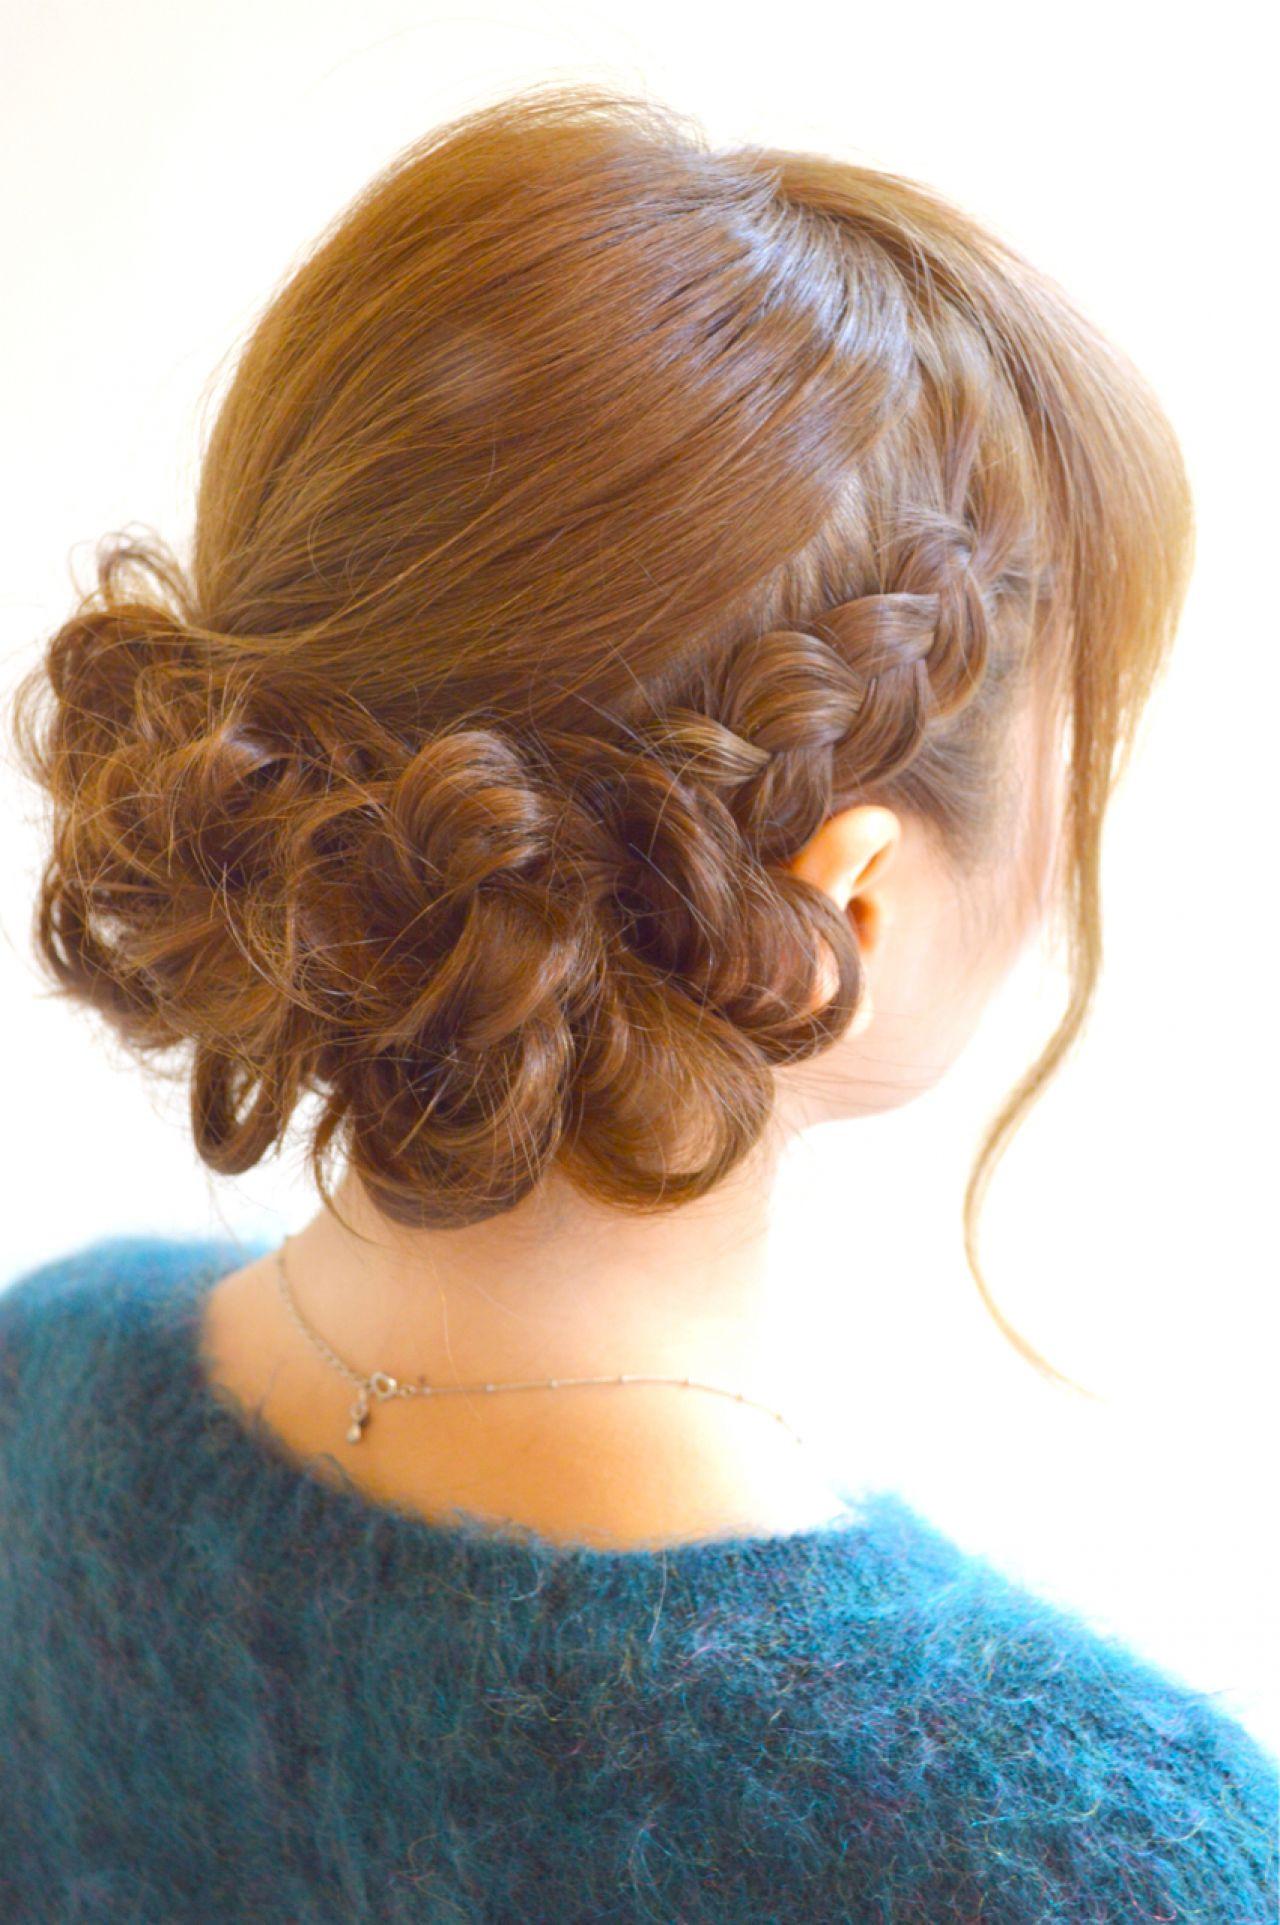 夏が来る前にチェックしよう!水着に合わせやすい髪型10選 Kilico